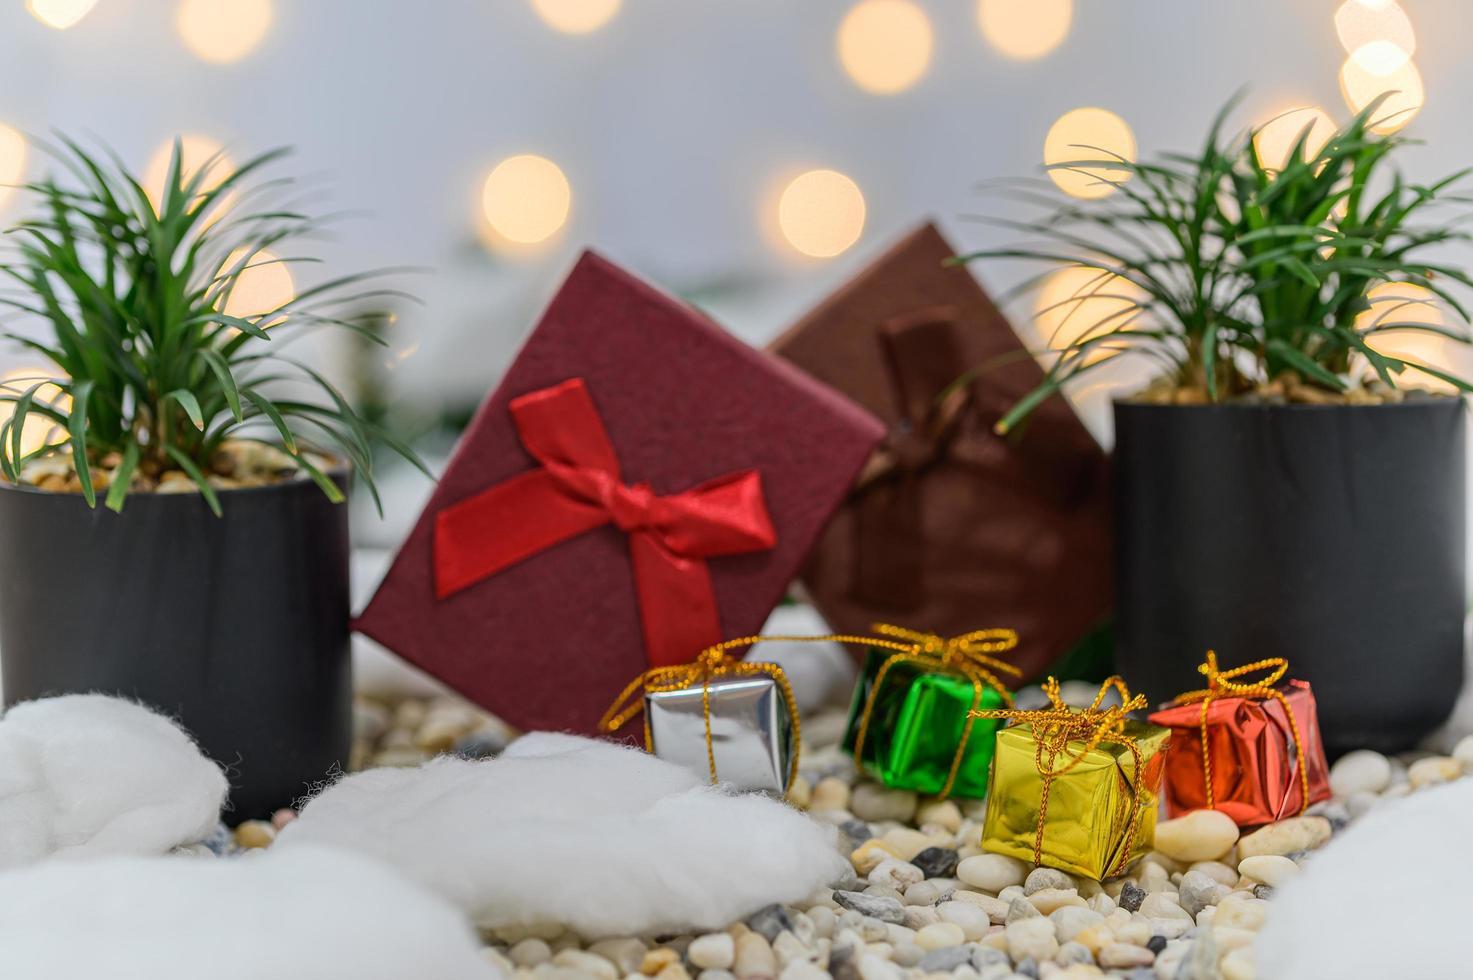 fondo de navidad para la temporada de adviento foto